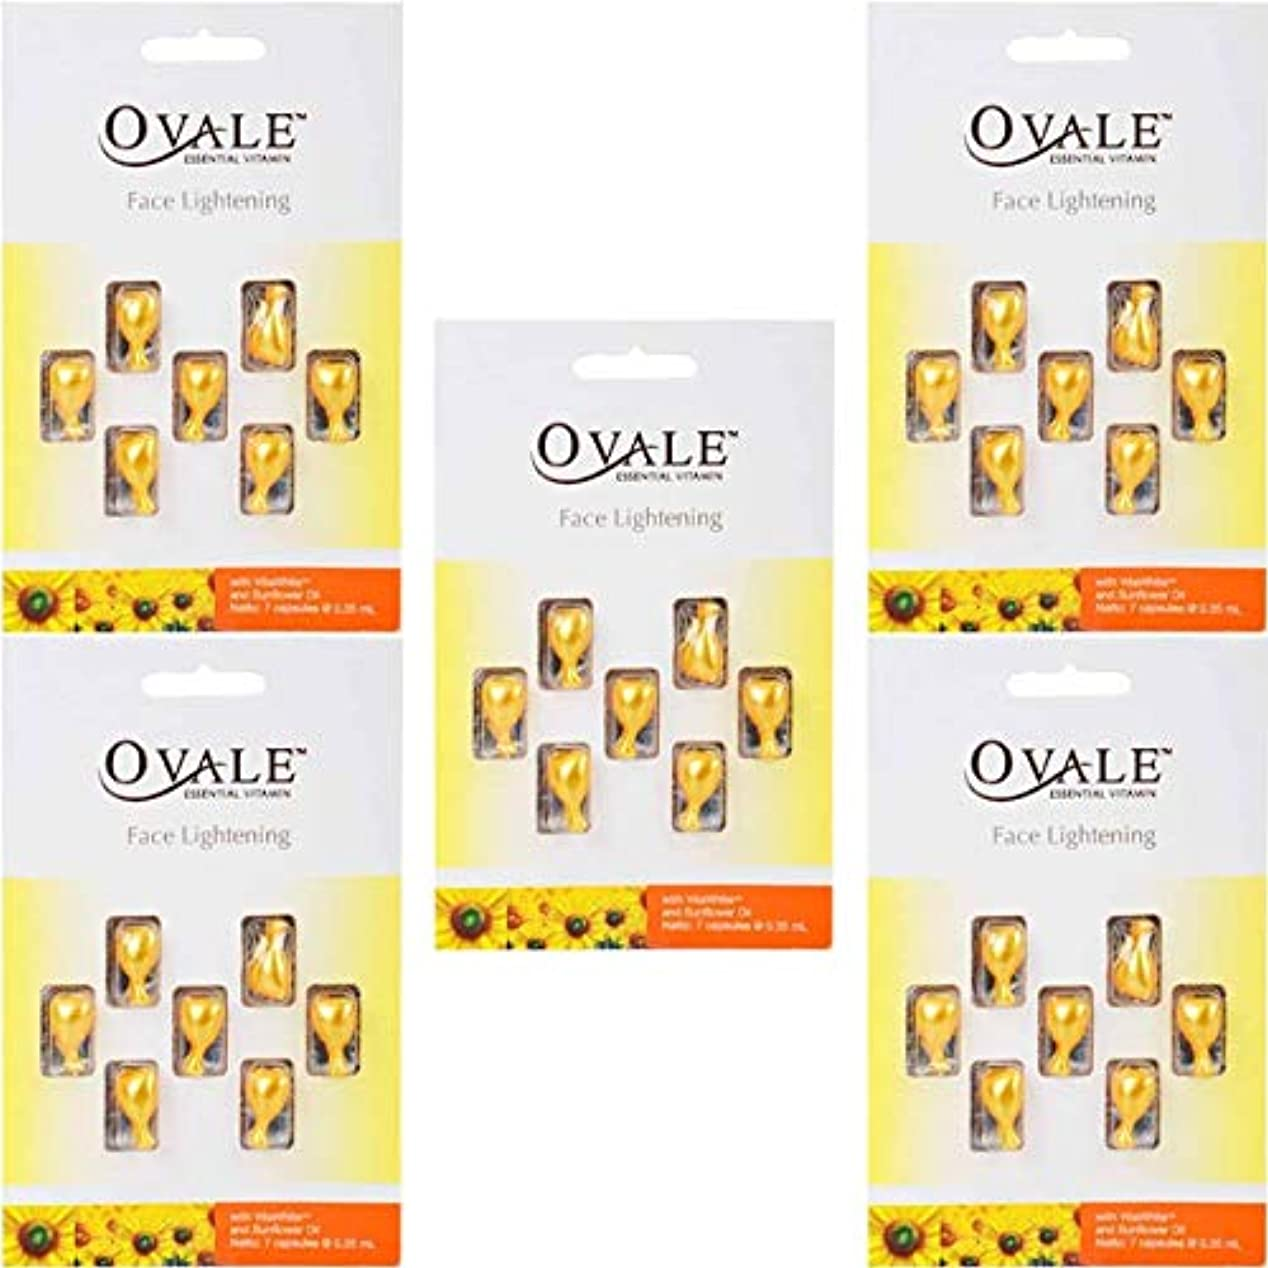 本質的ではない売り手凝縮するOvale オーバル フェイシャル美容液 essential vitamin エッセンシャルビタミン 7粒入シート×5枚セット サンフラワー [海外直送品]